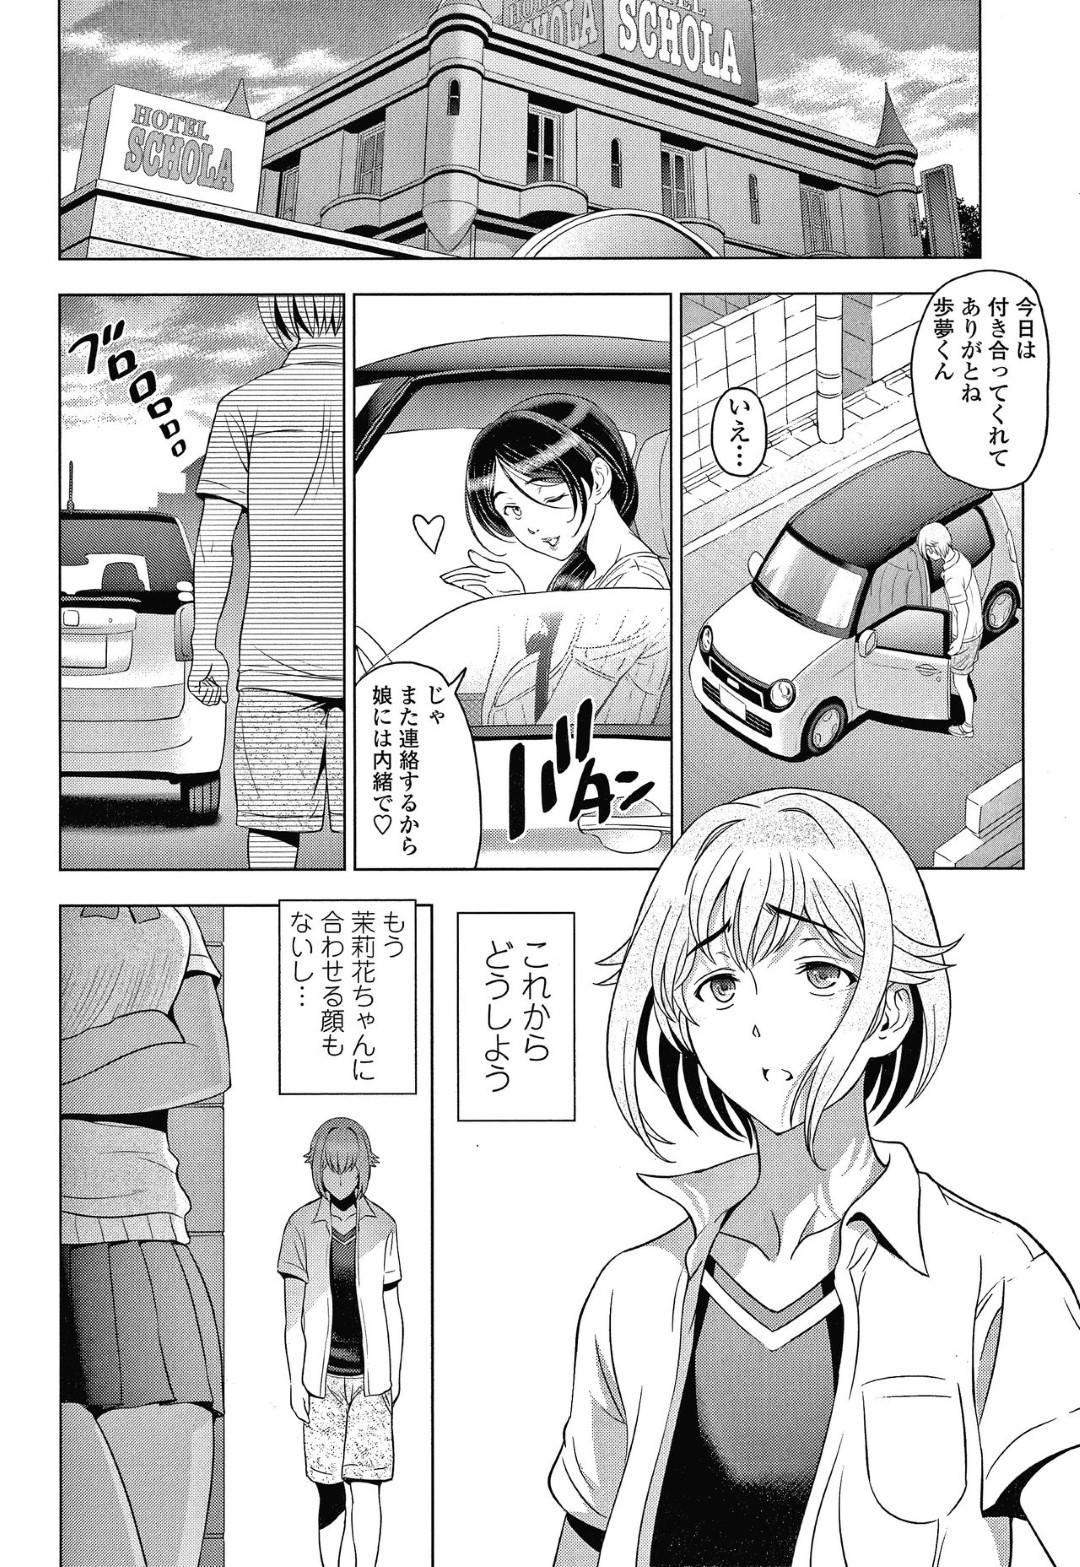 【人妻NTRエロ漫画】娘の彼氏と肉体関係を持った漫画家の巨乳母親は、取材という口実でラブホテルに連れ込みアナルで中出しセックスする【瀬奈陽太郎】